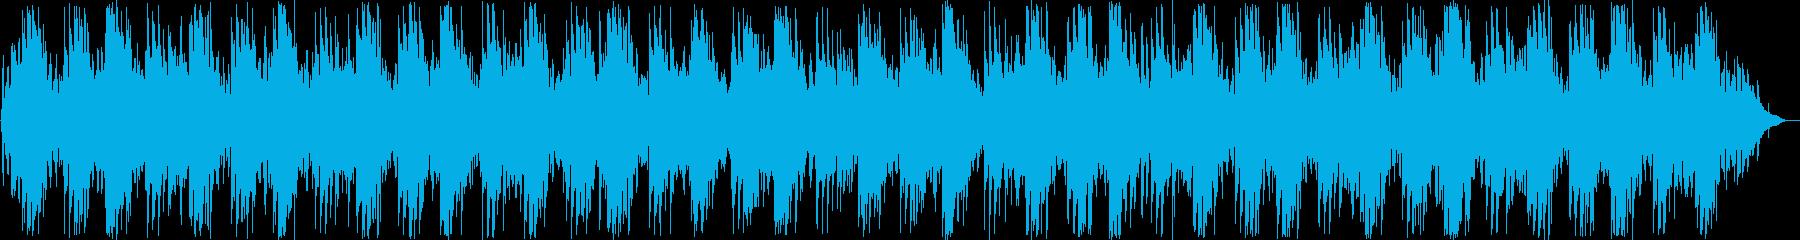 美しいシンセ・ピアノサウンドの再生済みの波形